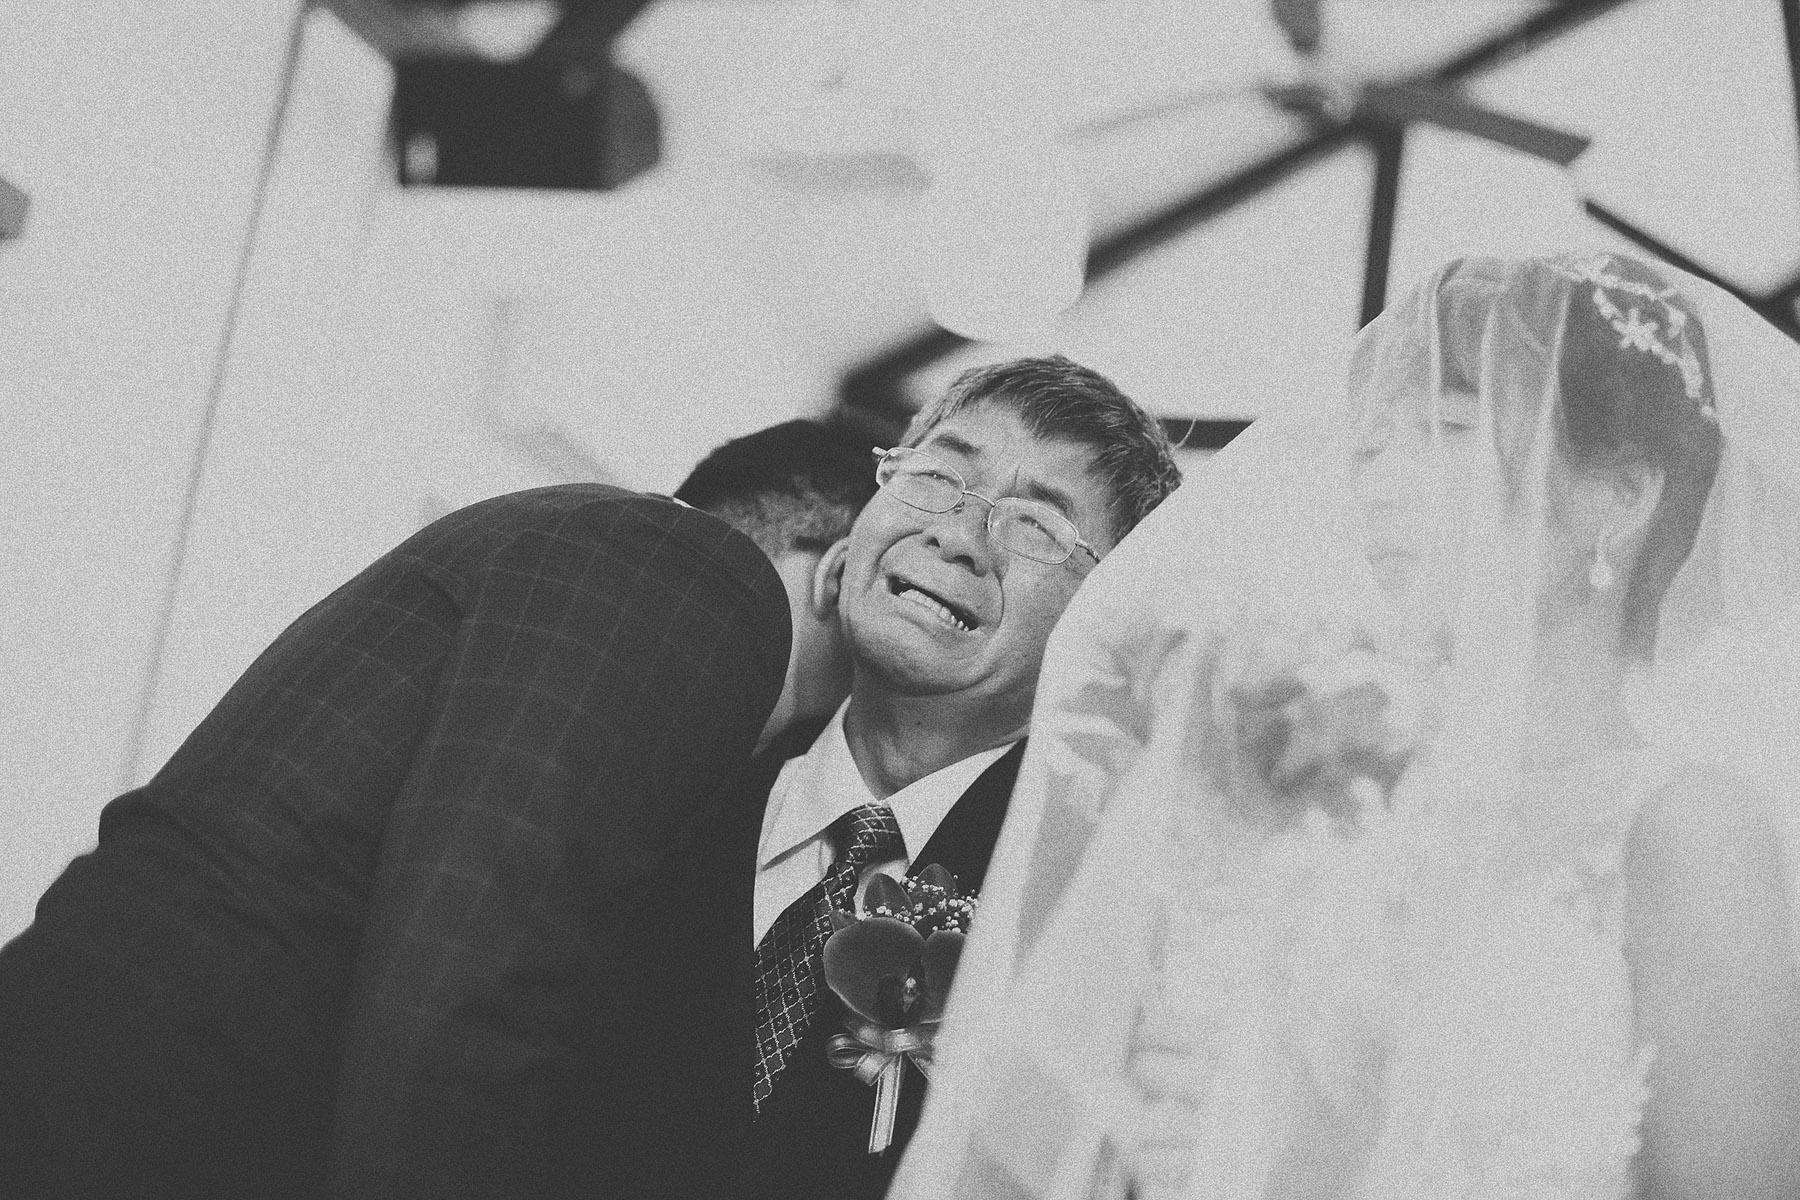 底片婚攝,婚禮攝影,電影風格,台北婚攝推薦,婚攝,婚禮紀錄,底片風格,基督徒,教會,黑白,進場交手,擁抱